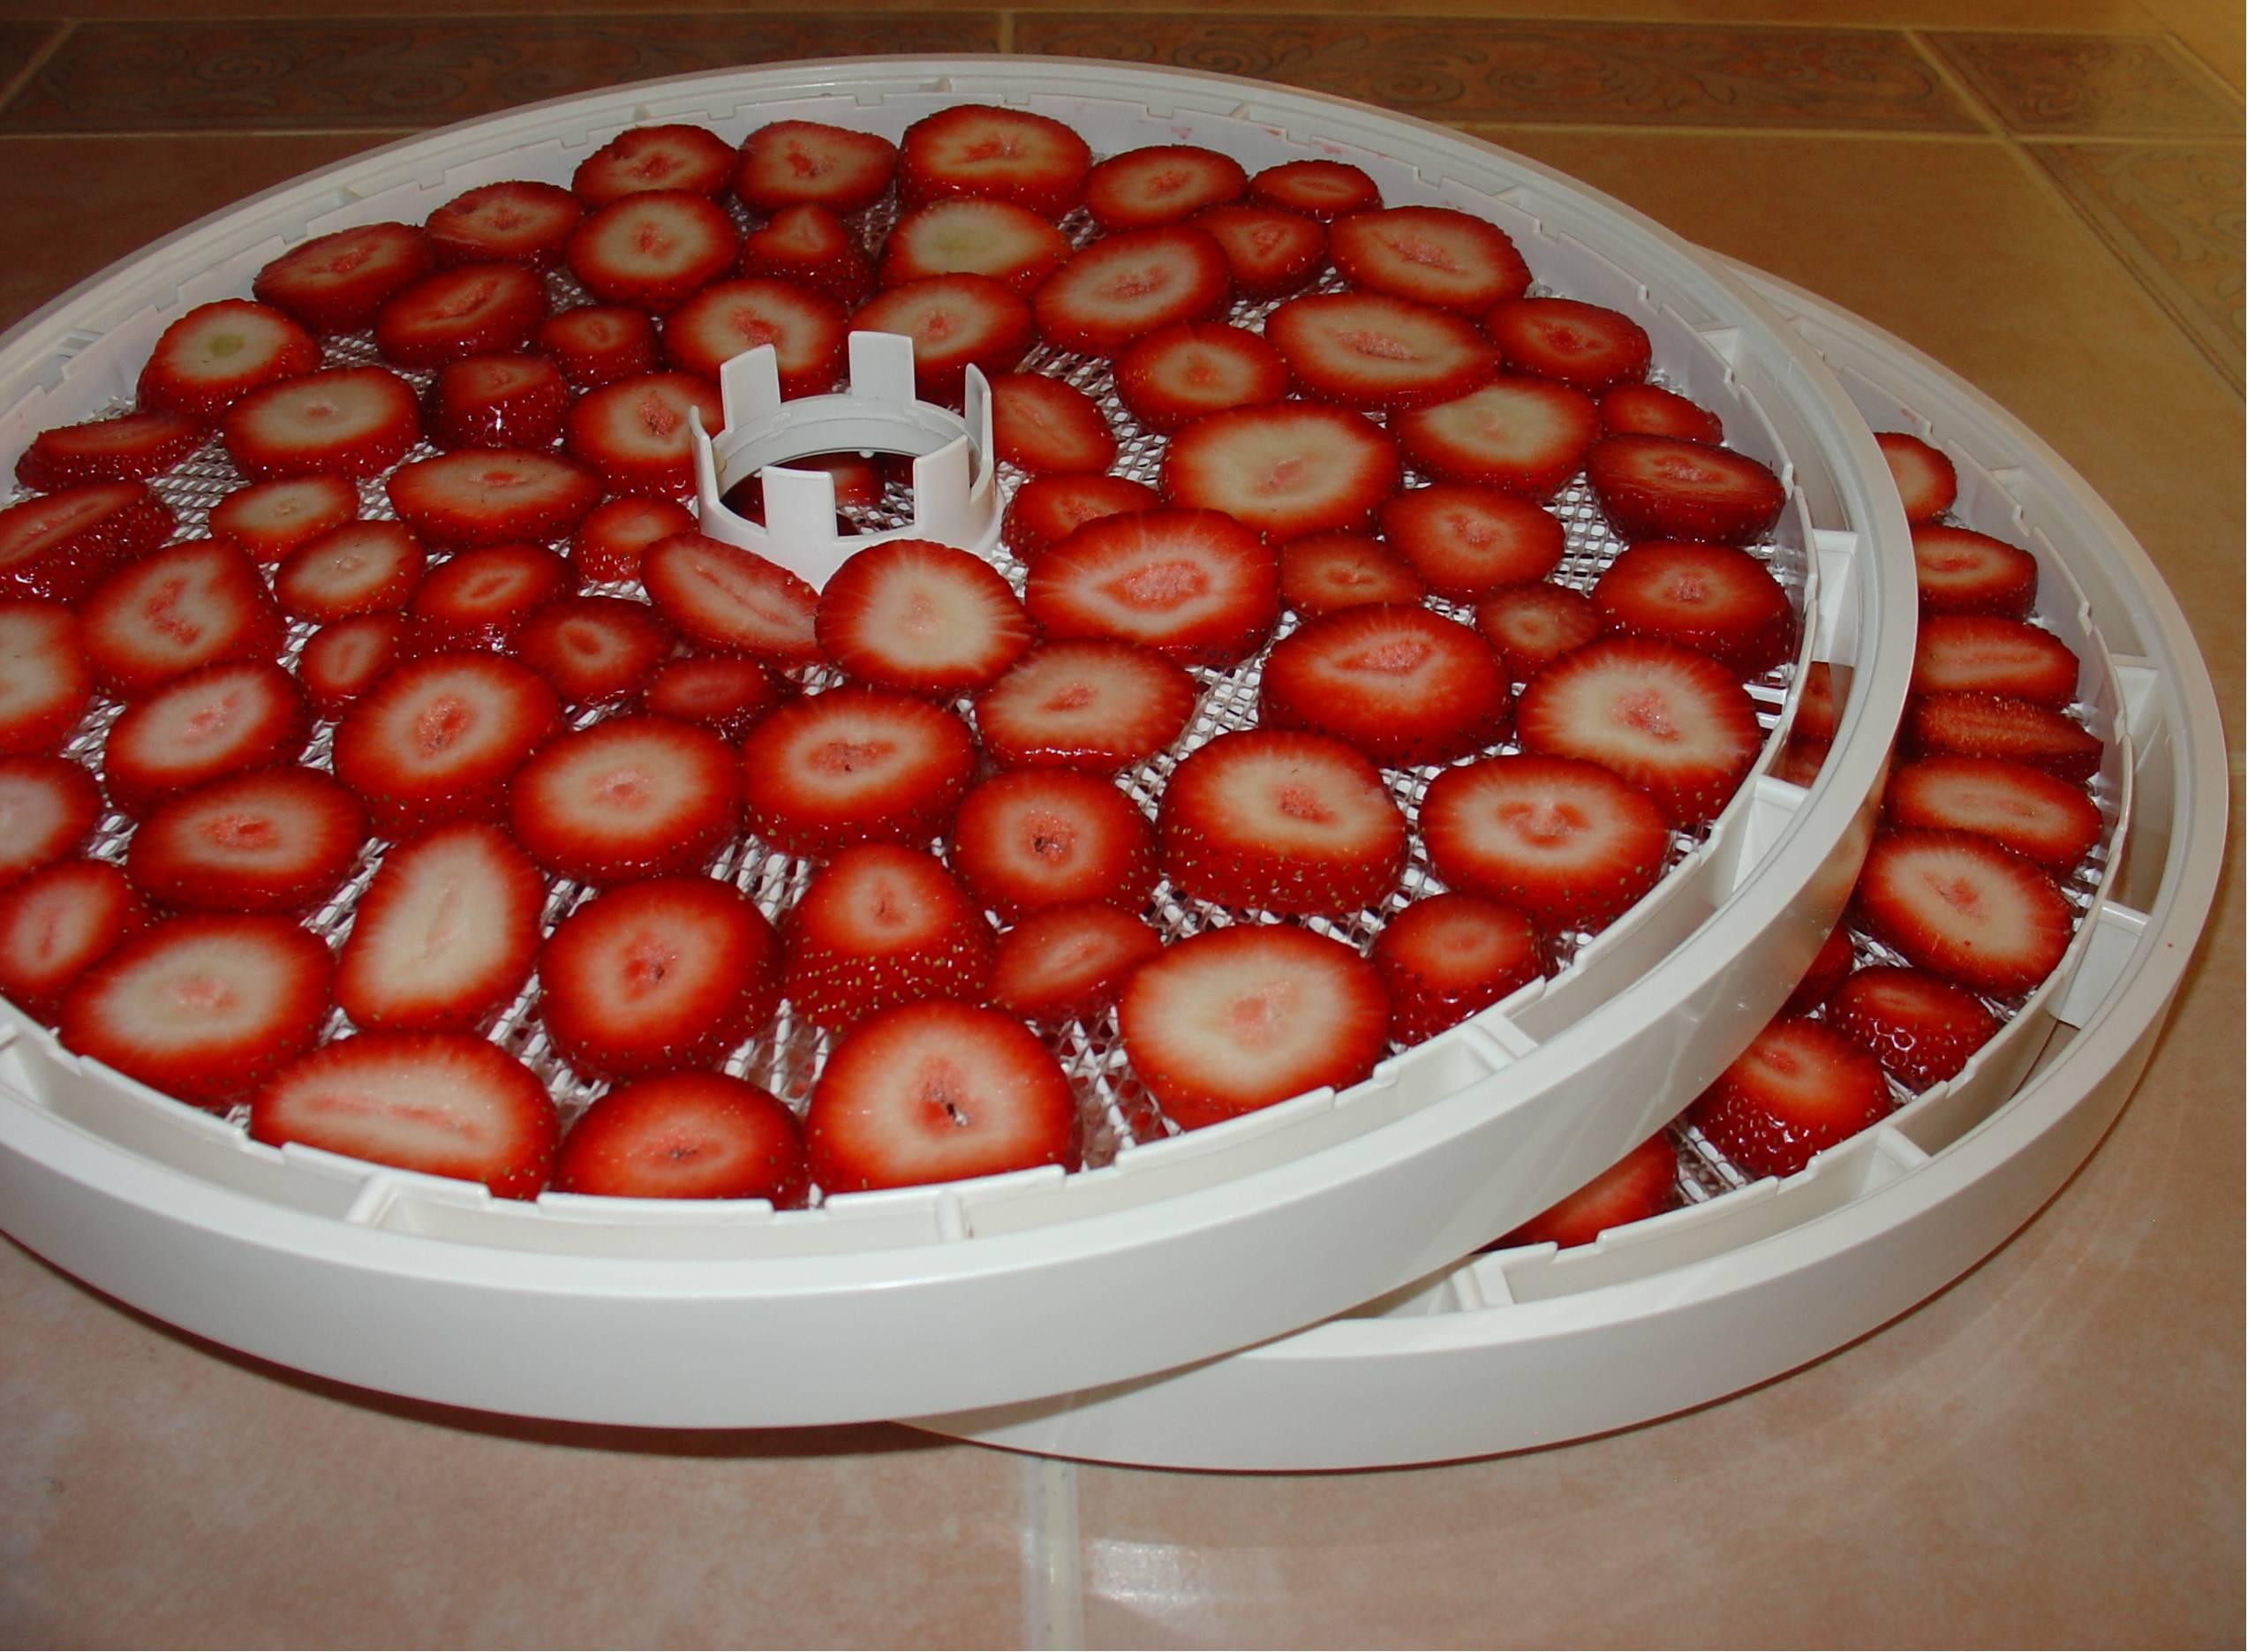 Nesco Food Dehydrator Fruit Leather Recipes